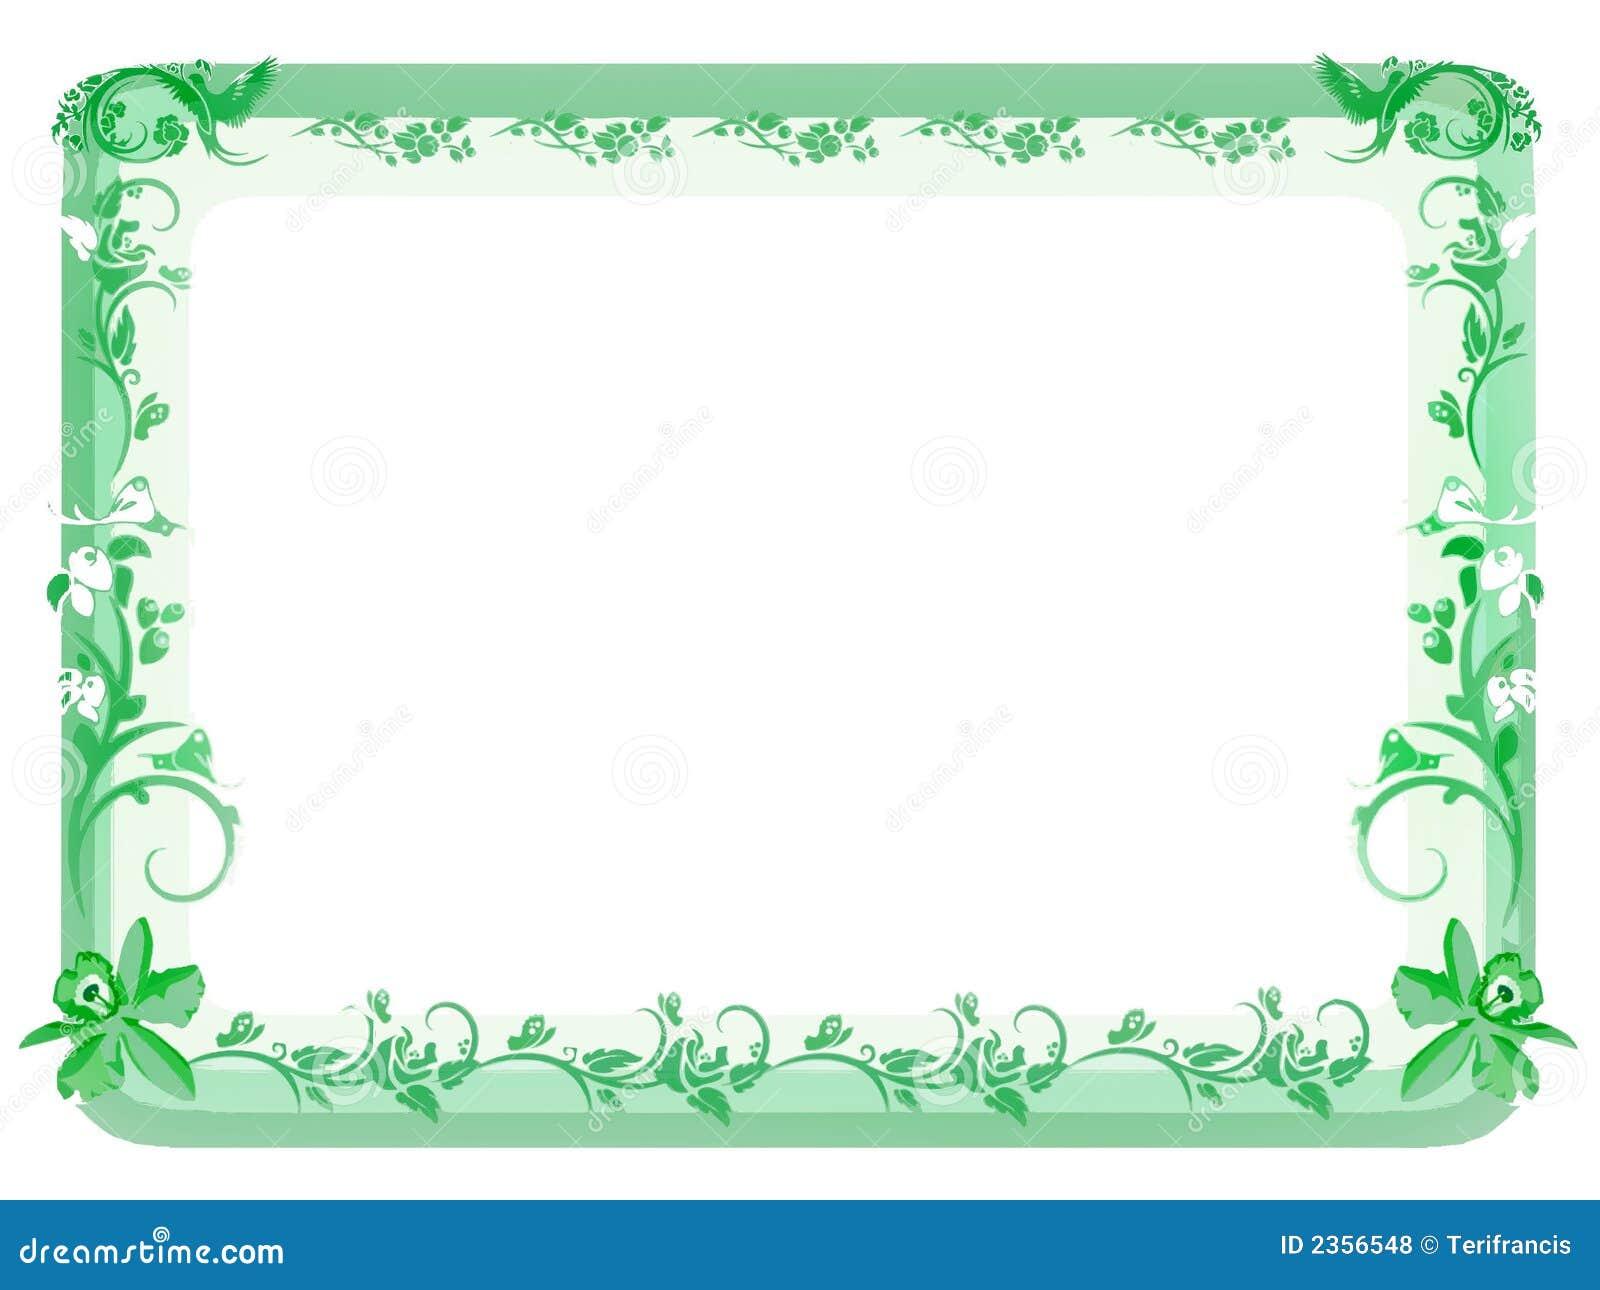 Vintage Floral Frame - Green Stock Illustration - Illustration of ...